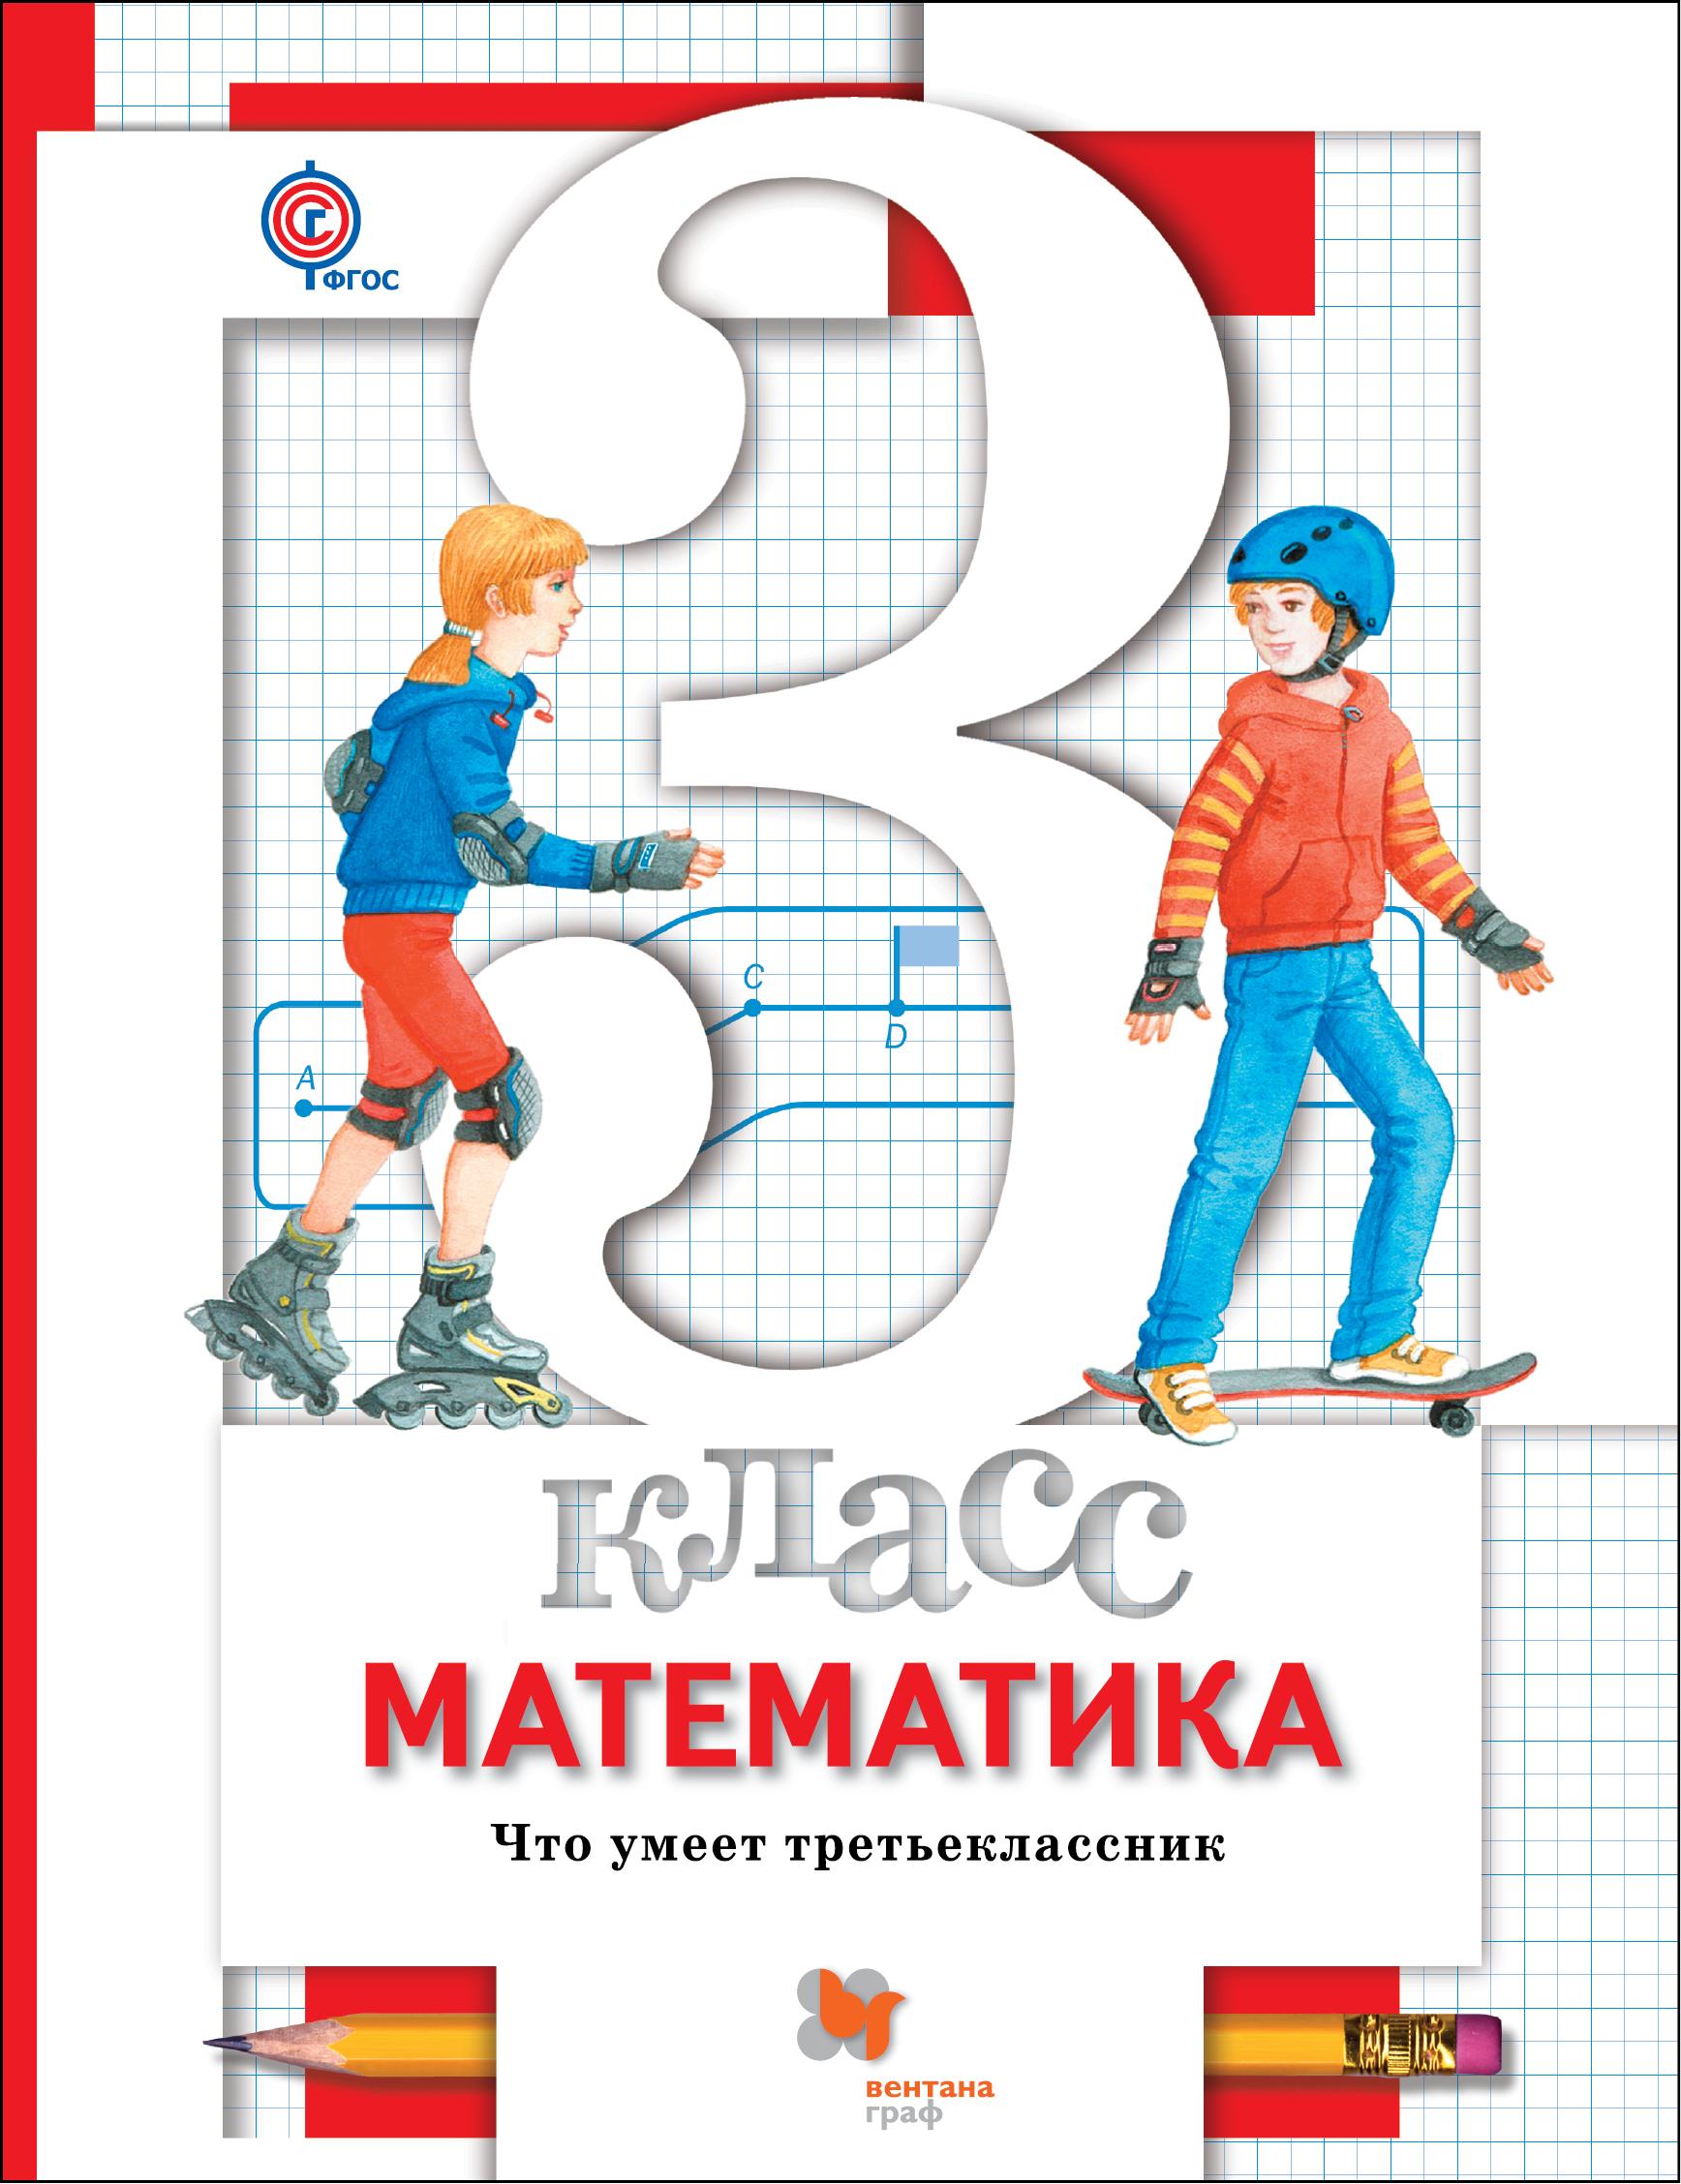 Л. О. Рослова, С. С. Минаева, О. А. Рыдзе Математика. 3класс. Что умеет третьеклассник. Тетрадь для проверочных работ для учащихся общеобразовательных организаций минаевас с рословал о рыдзе